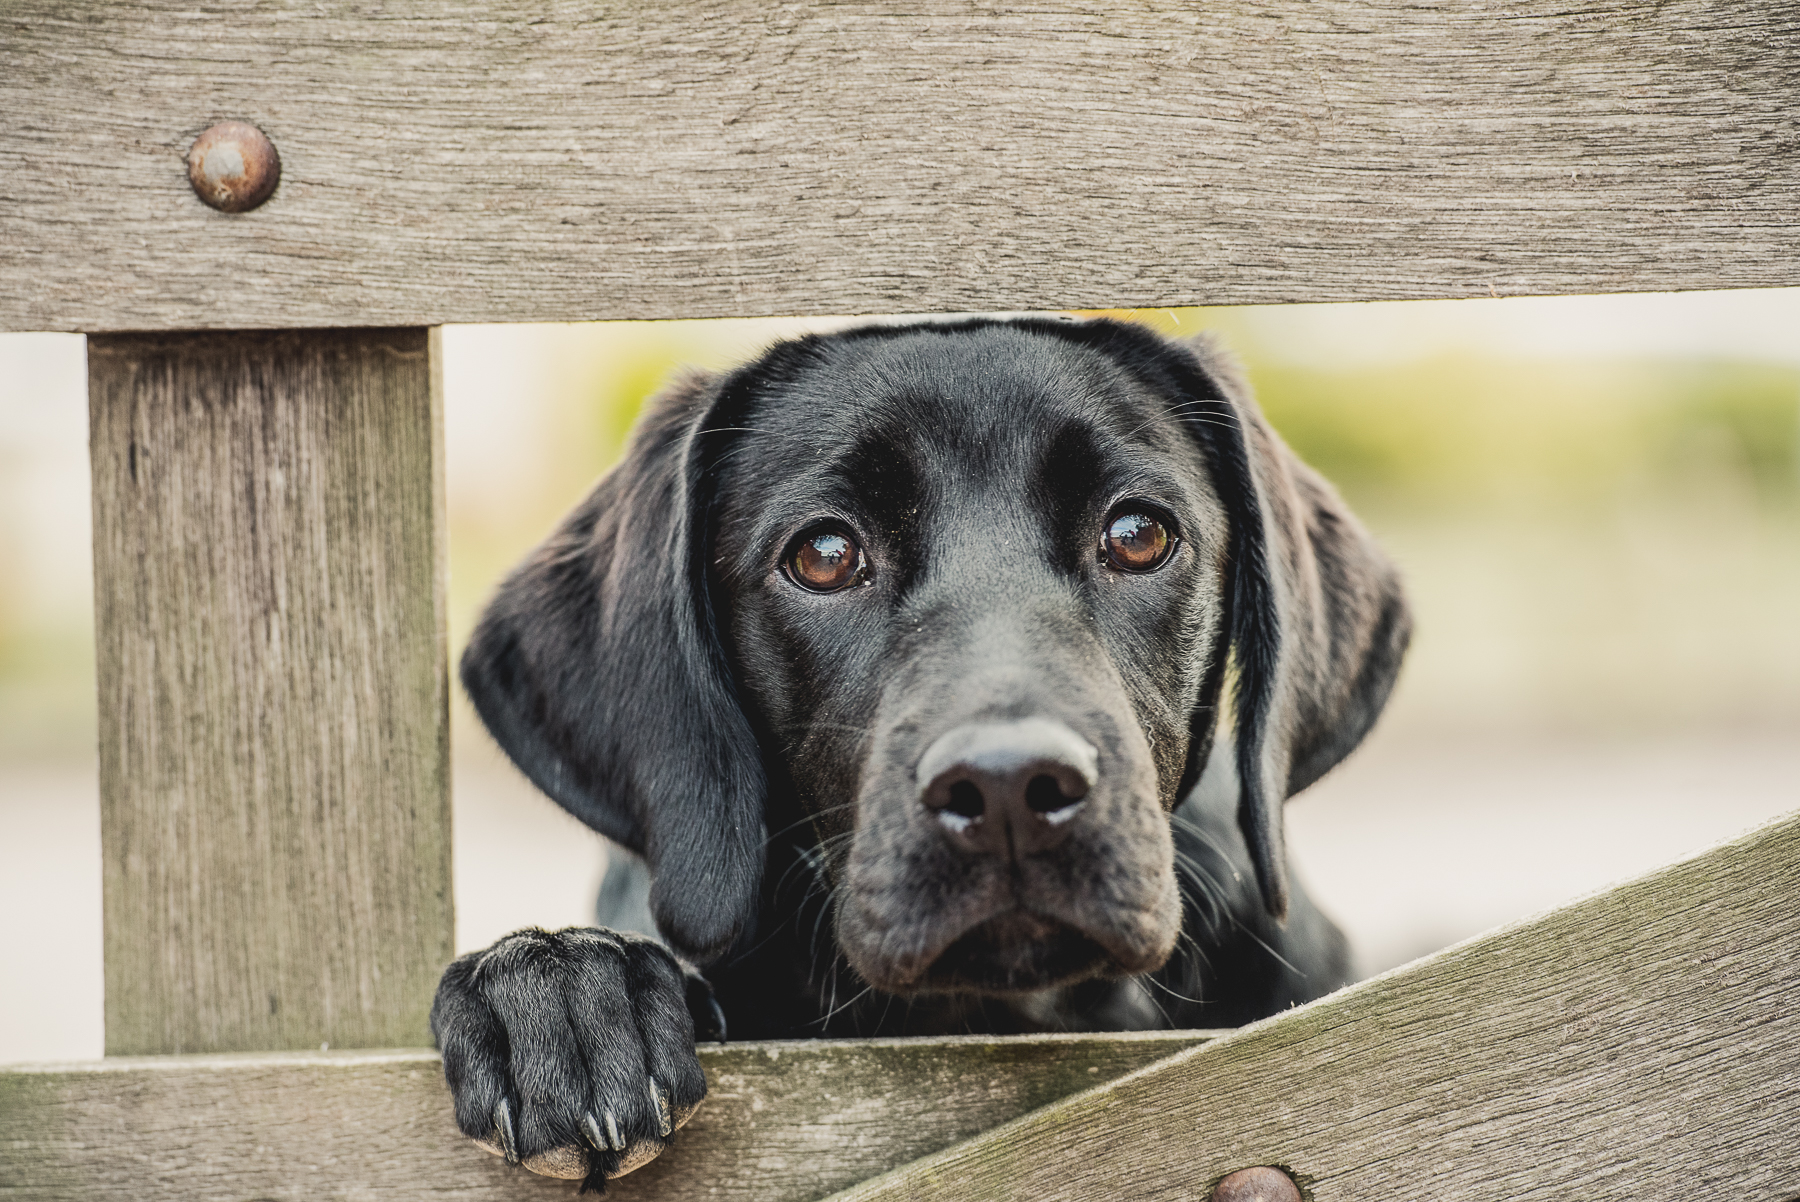 Black labrador dog looking through fencing at camera